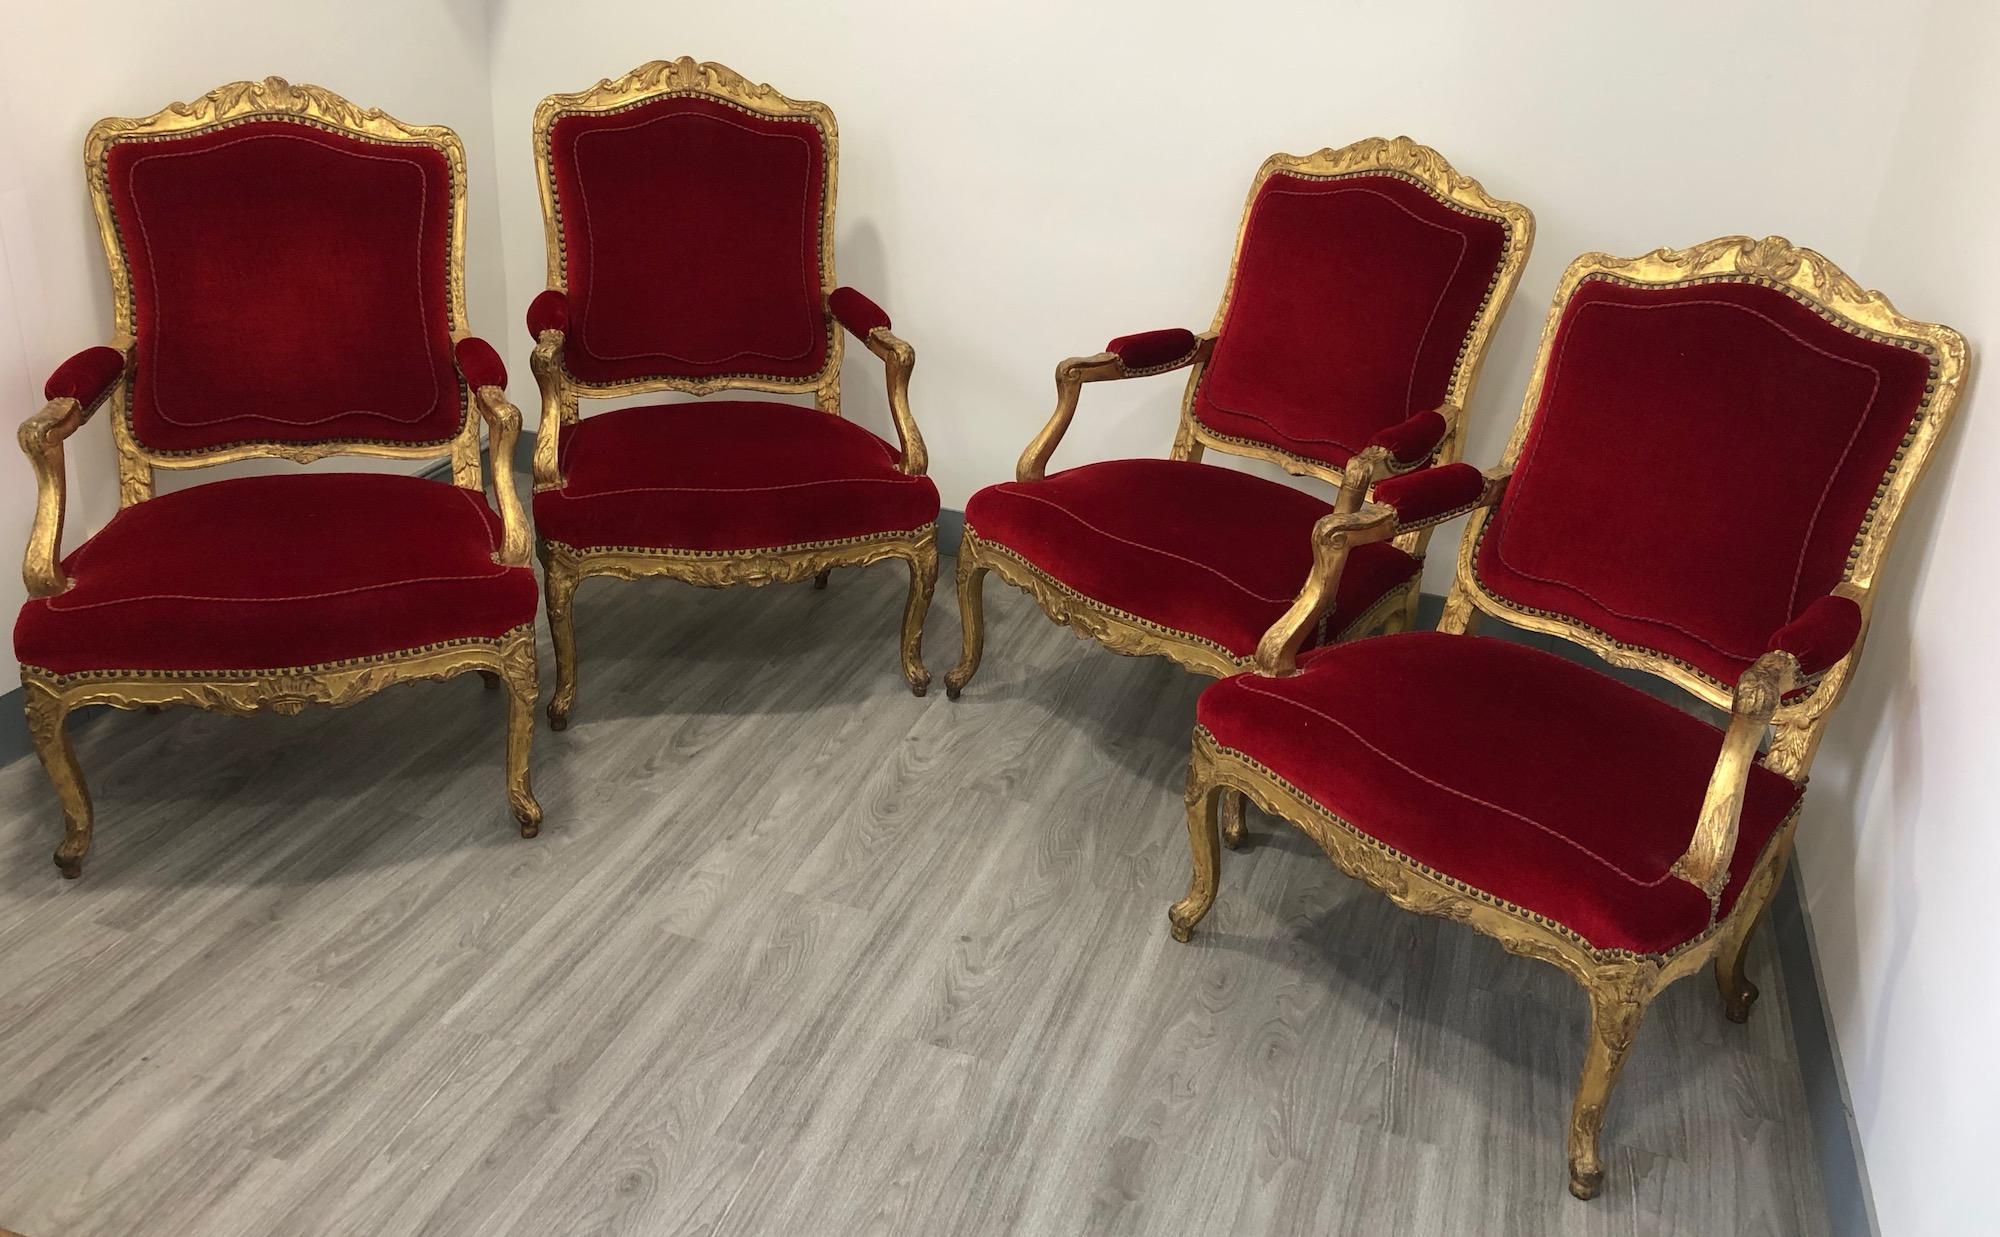 Suite de quatre fauteuils d'époque Régence